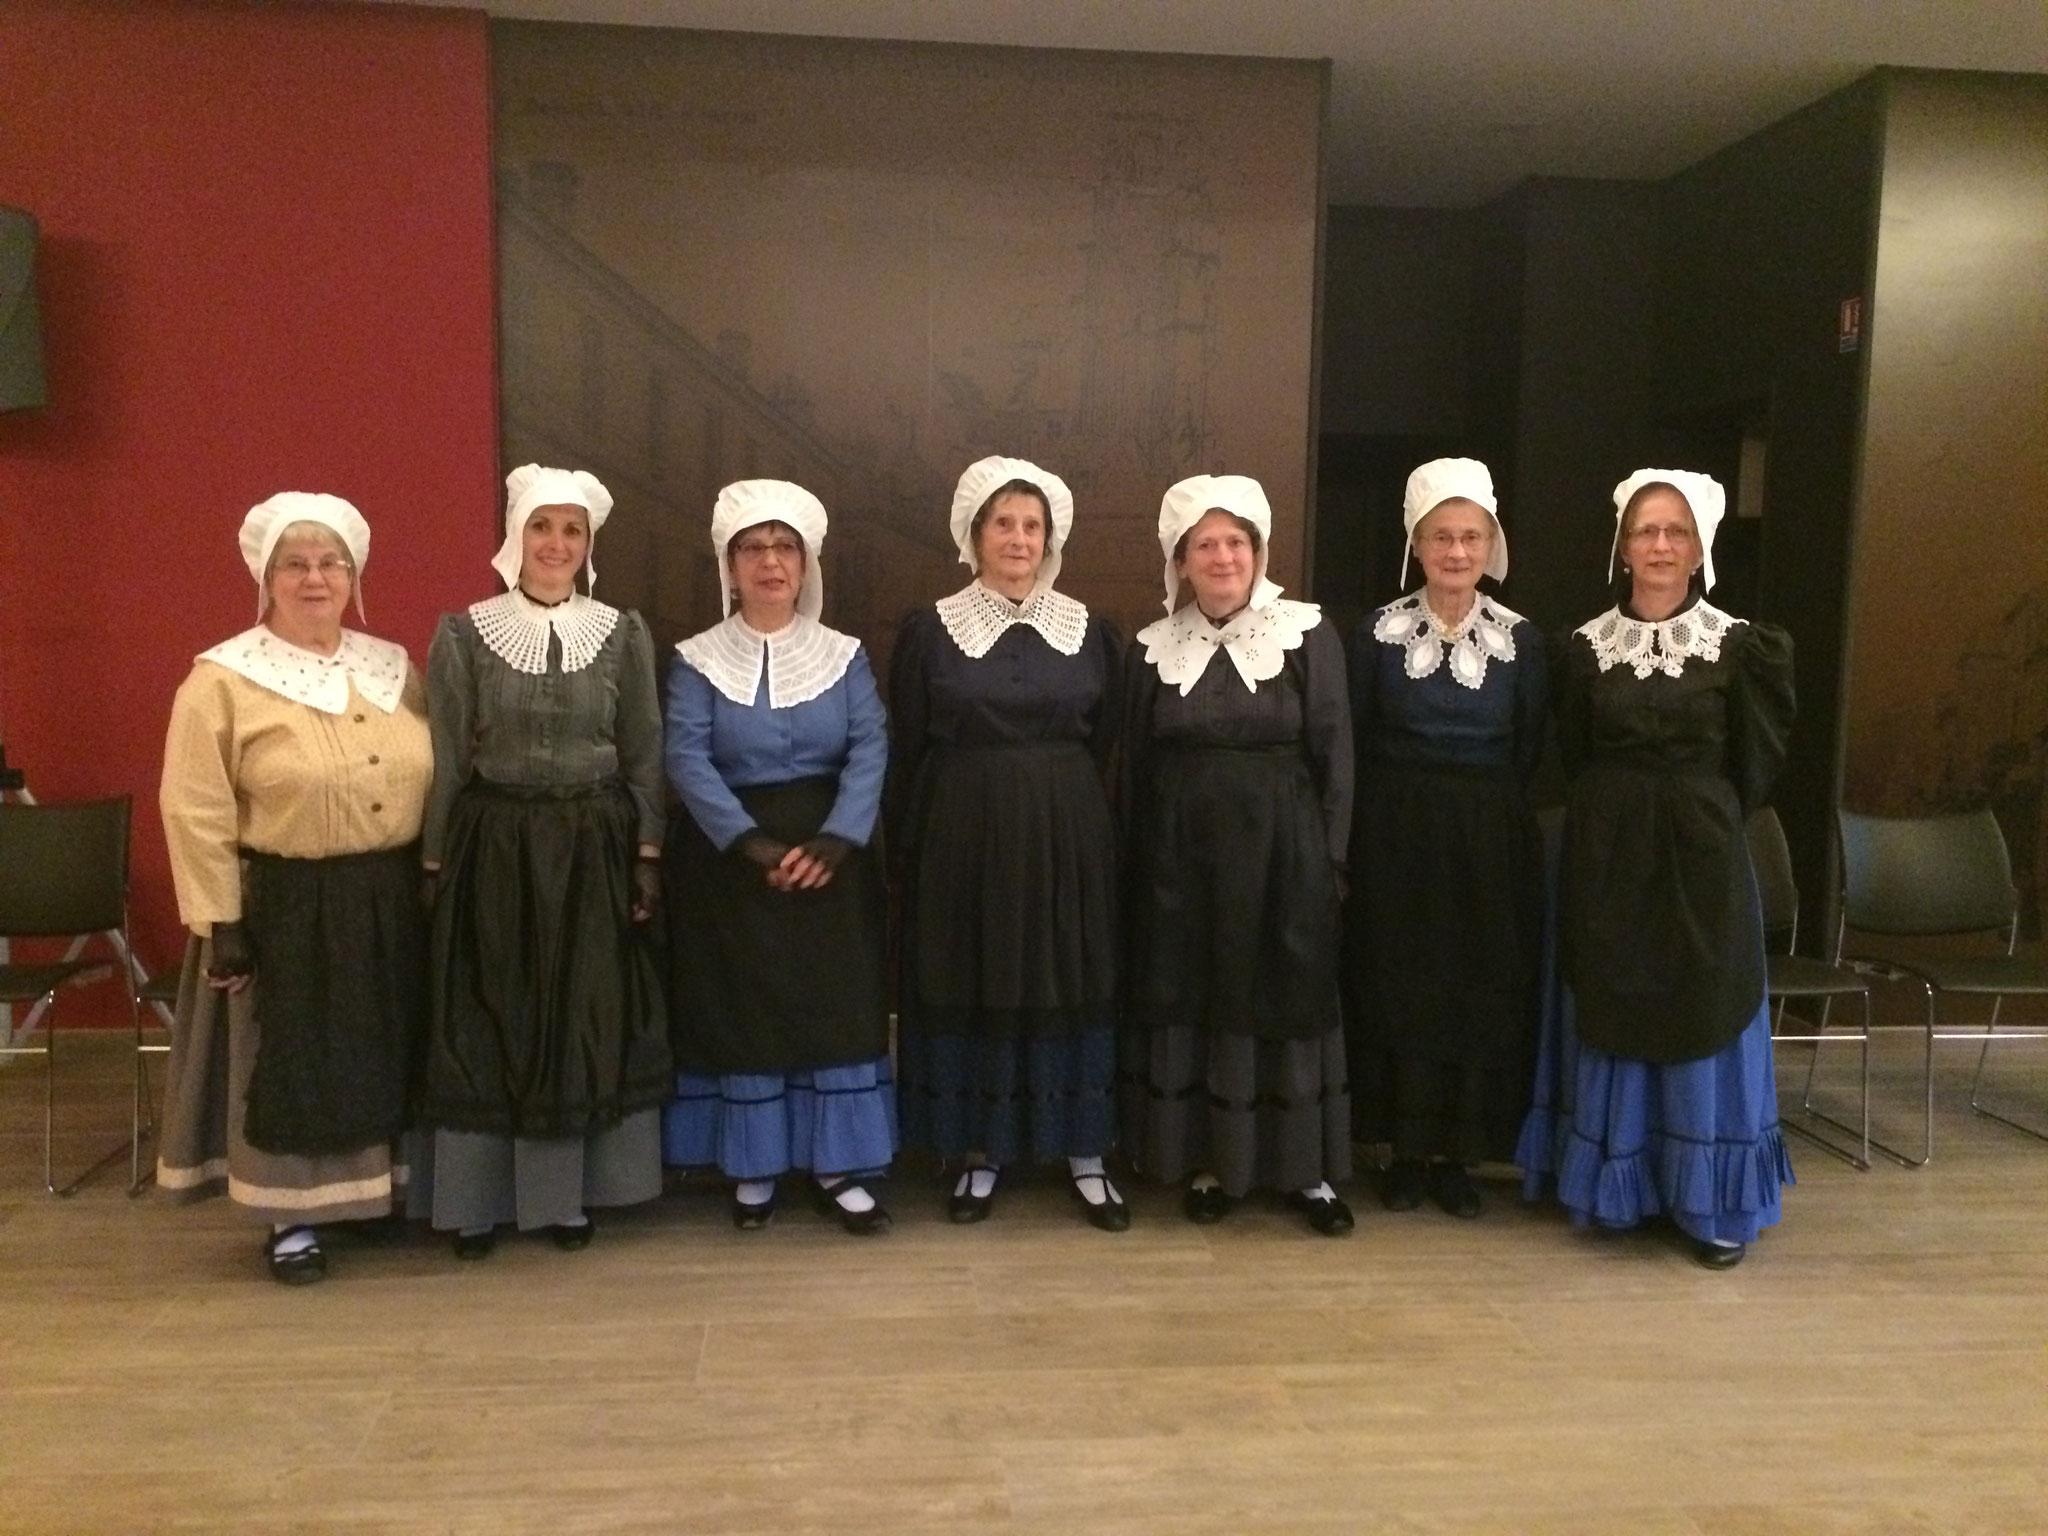 groupe folklorique en dordogne périgord noir traditions occitanes costumes traditionel du Périgord, costumes et coiffe de dentelle, vêtements de nos aïeux, costume régional folklorique de Sarlat